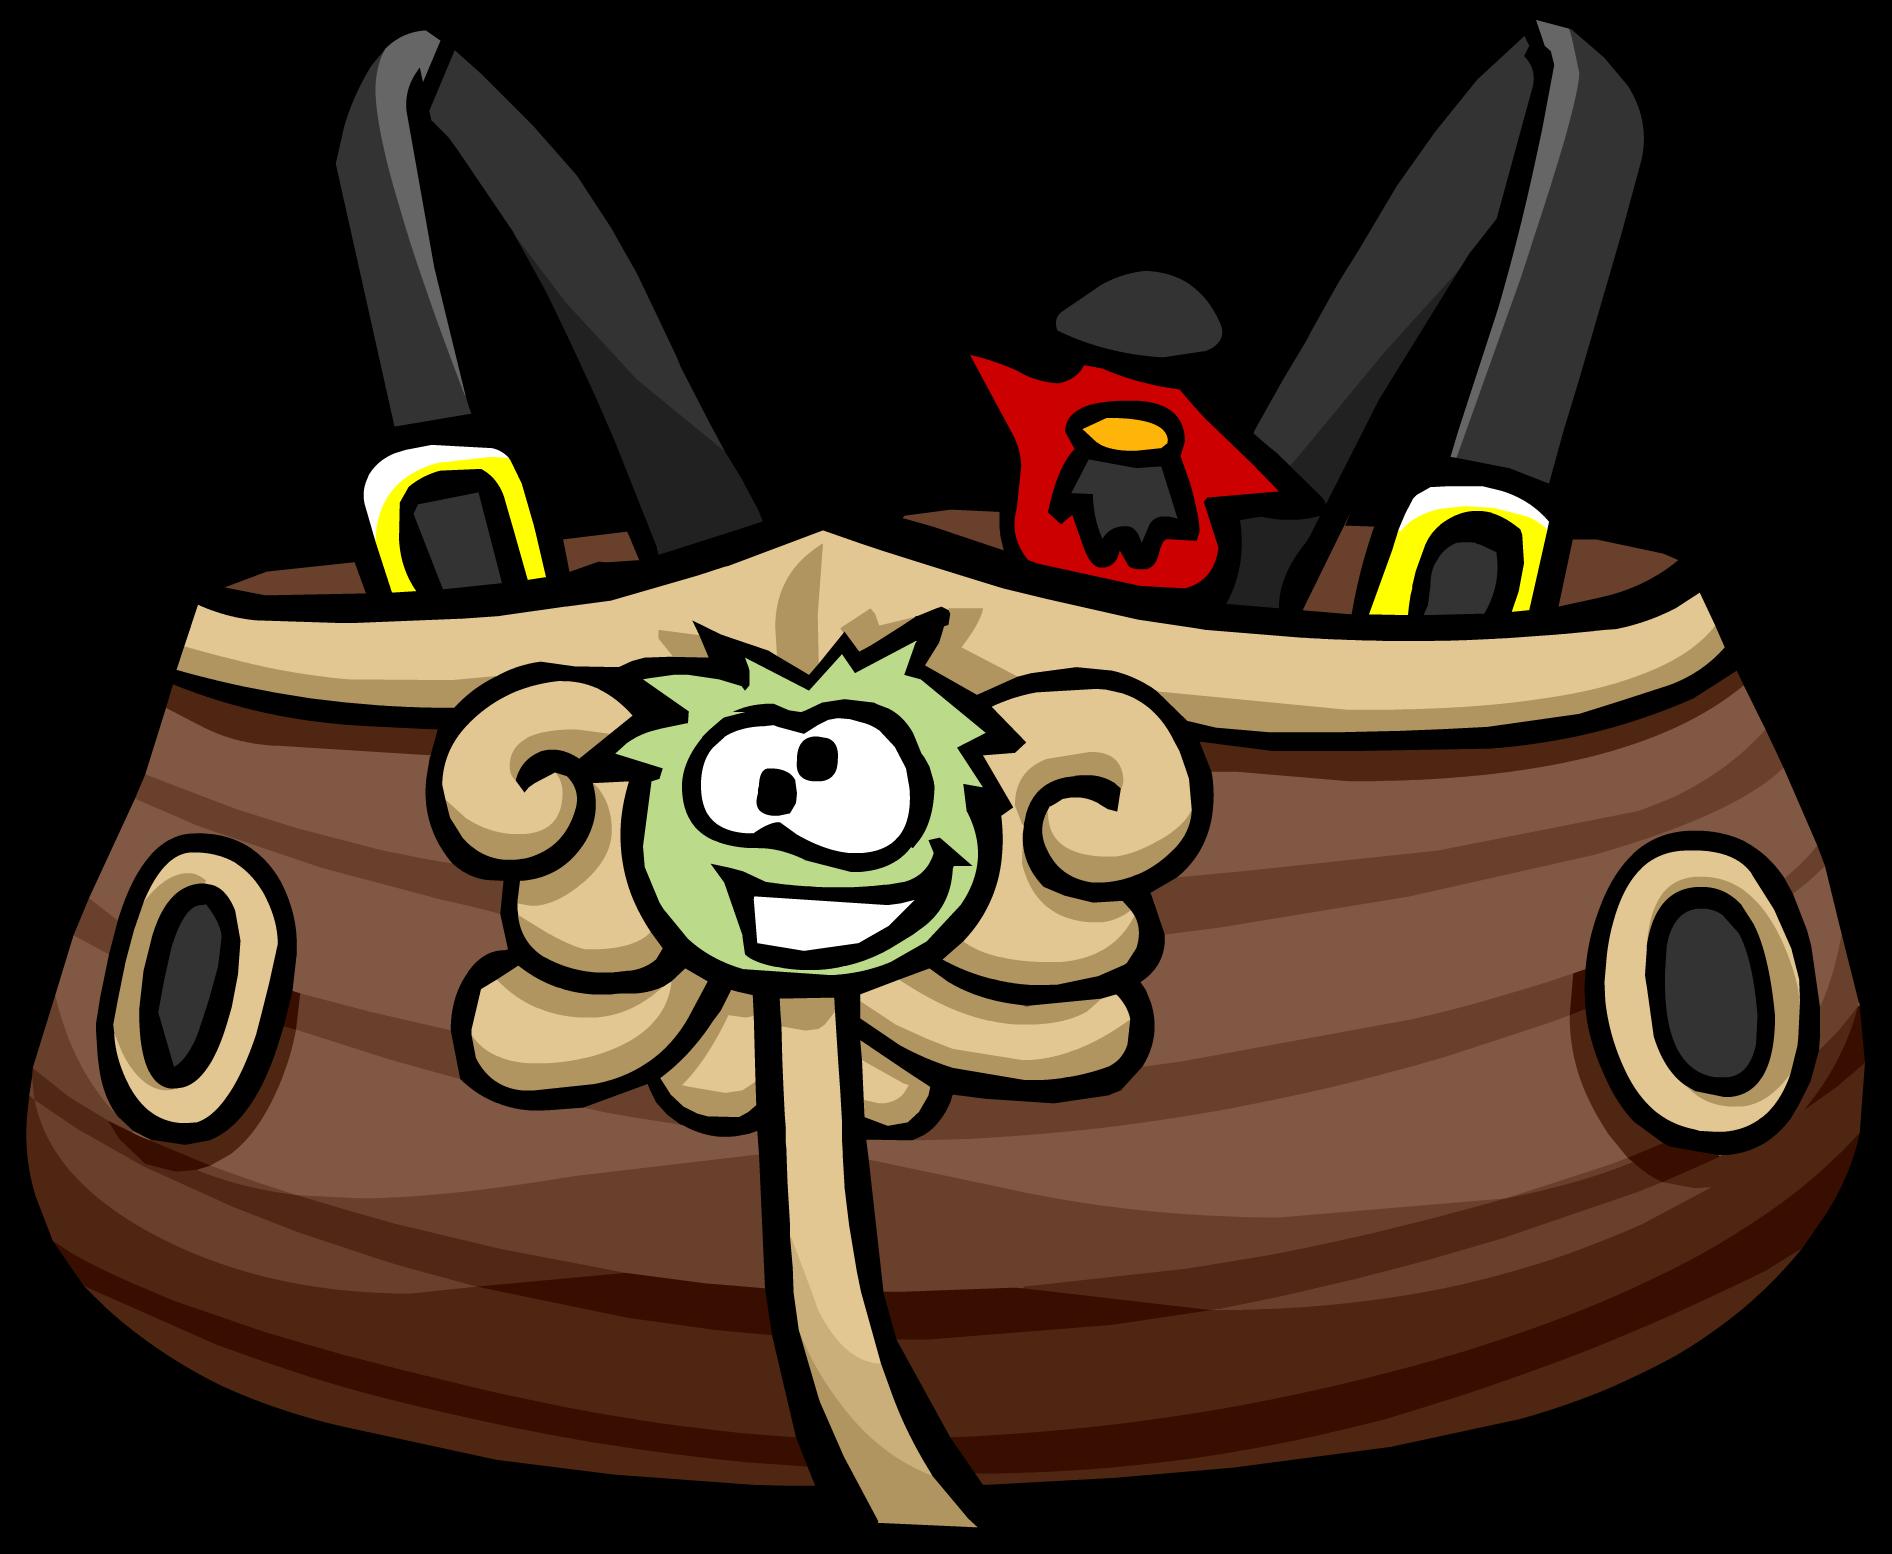 File:Migrator Mascot Costume icon ID 772.png